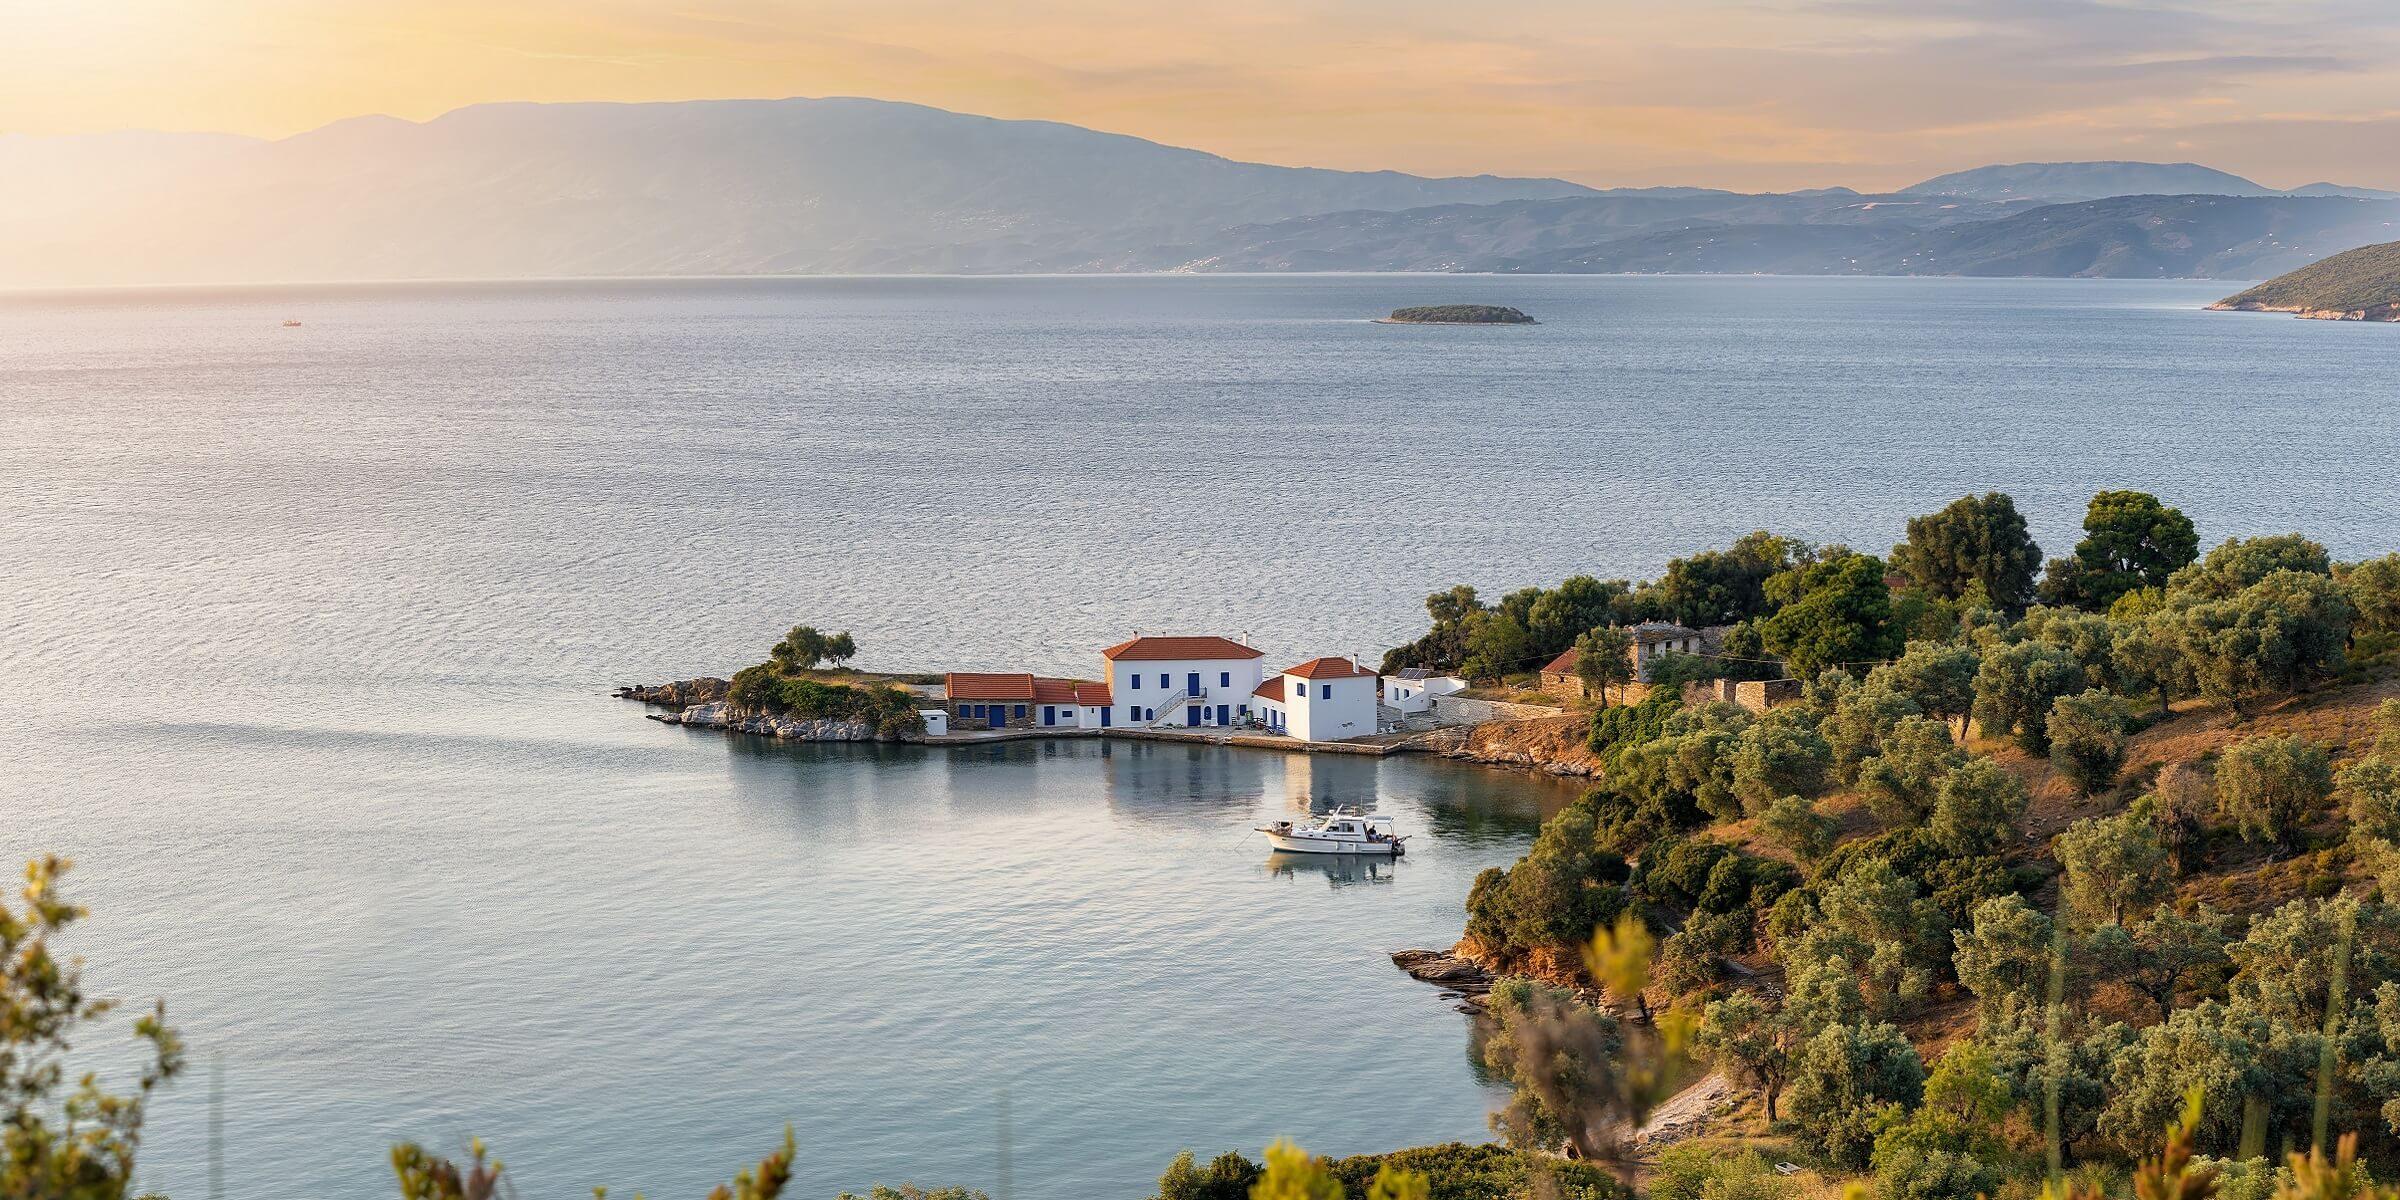 Wunderschöner Sonnenuntergang bei Volos